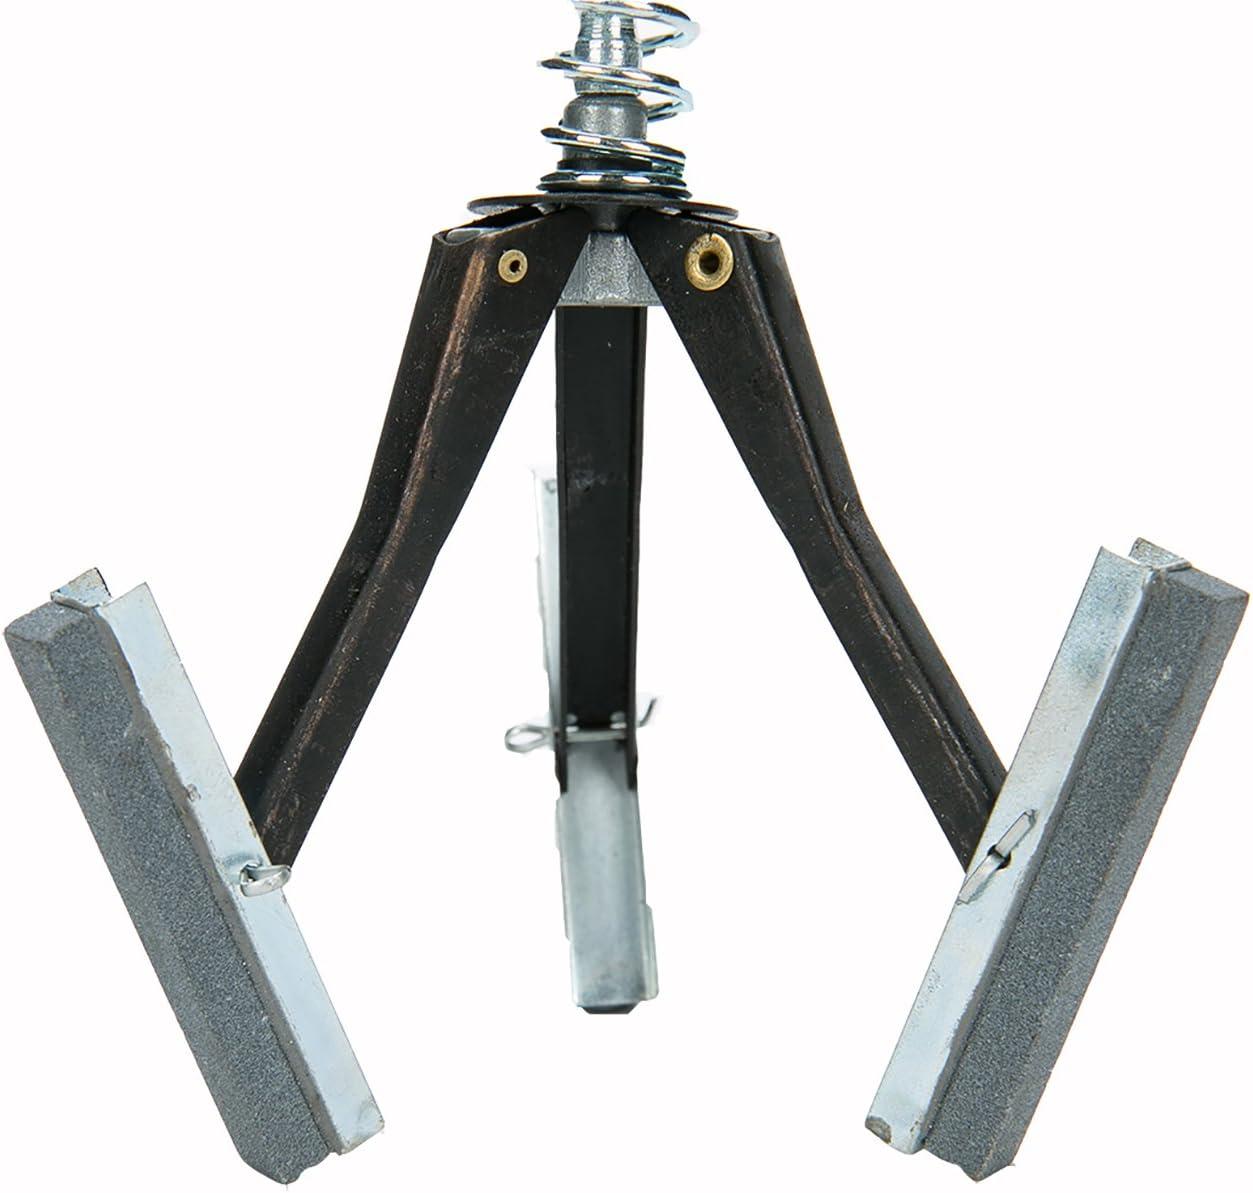 8MILELAKE 3//4-Inch to 2-1//2-Inch Adjustable Brake Cylinder Hone